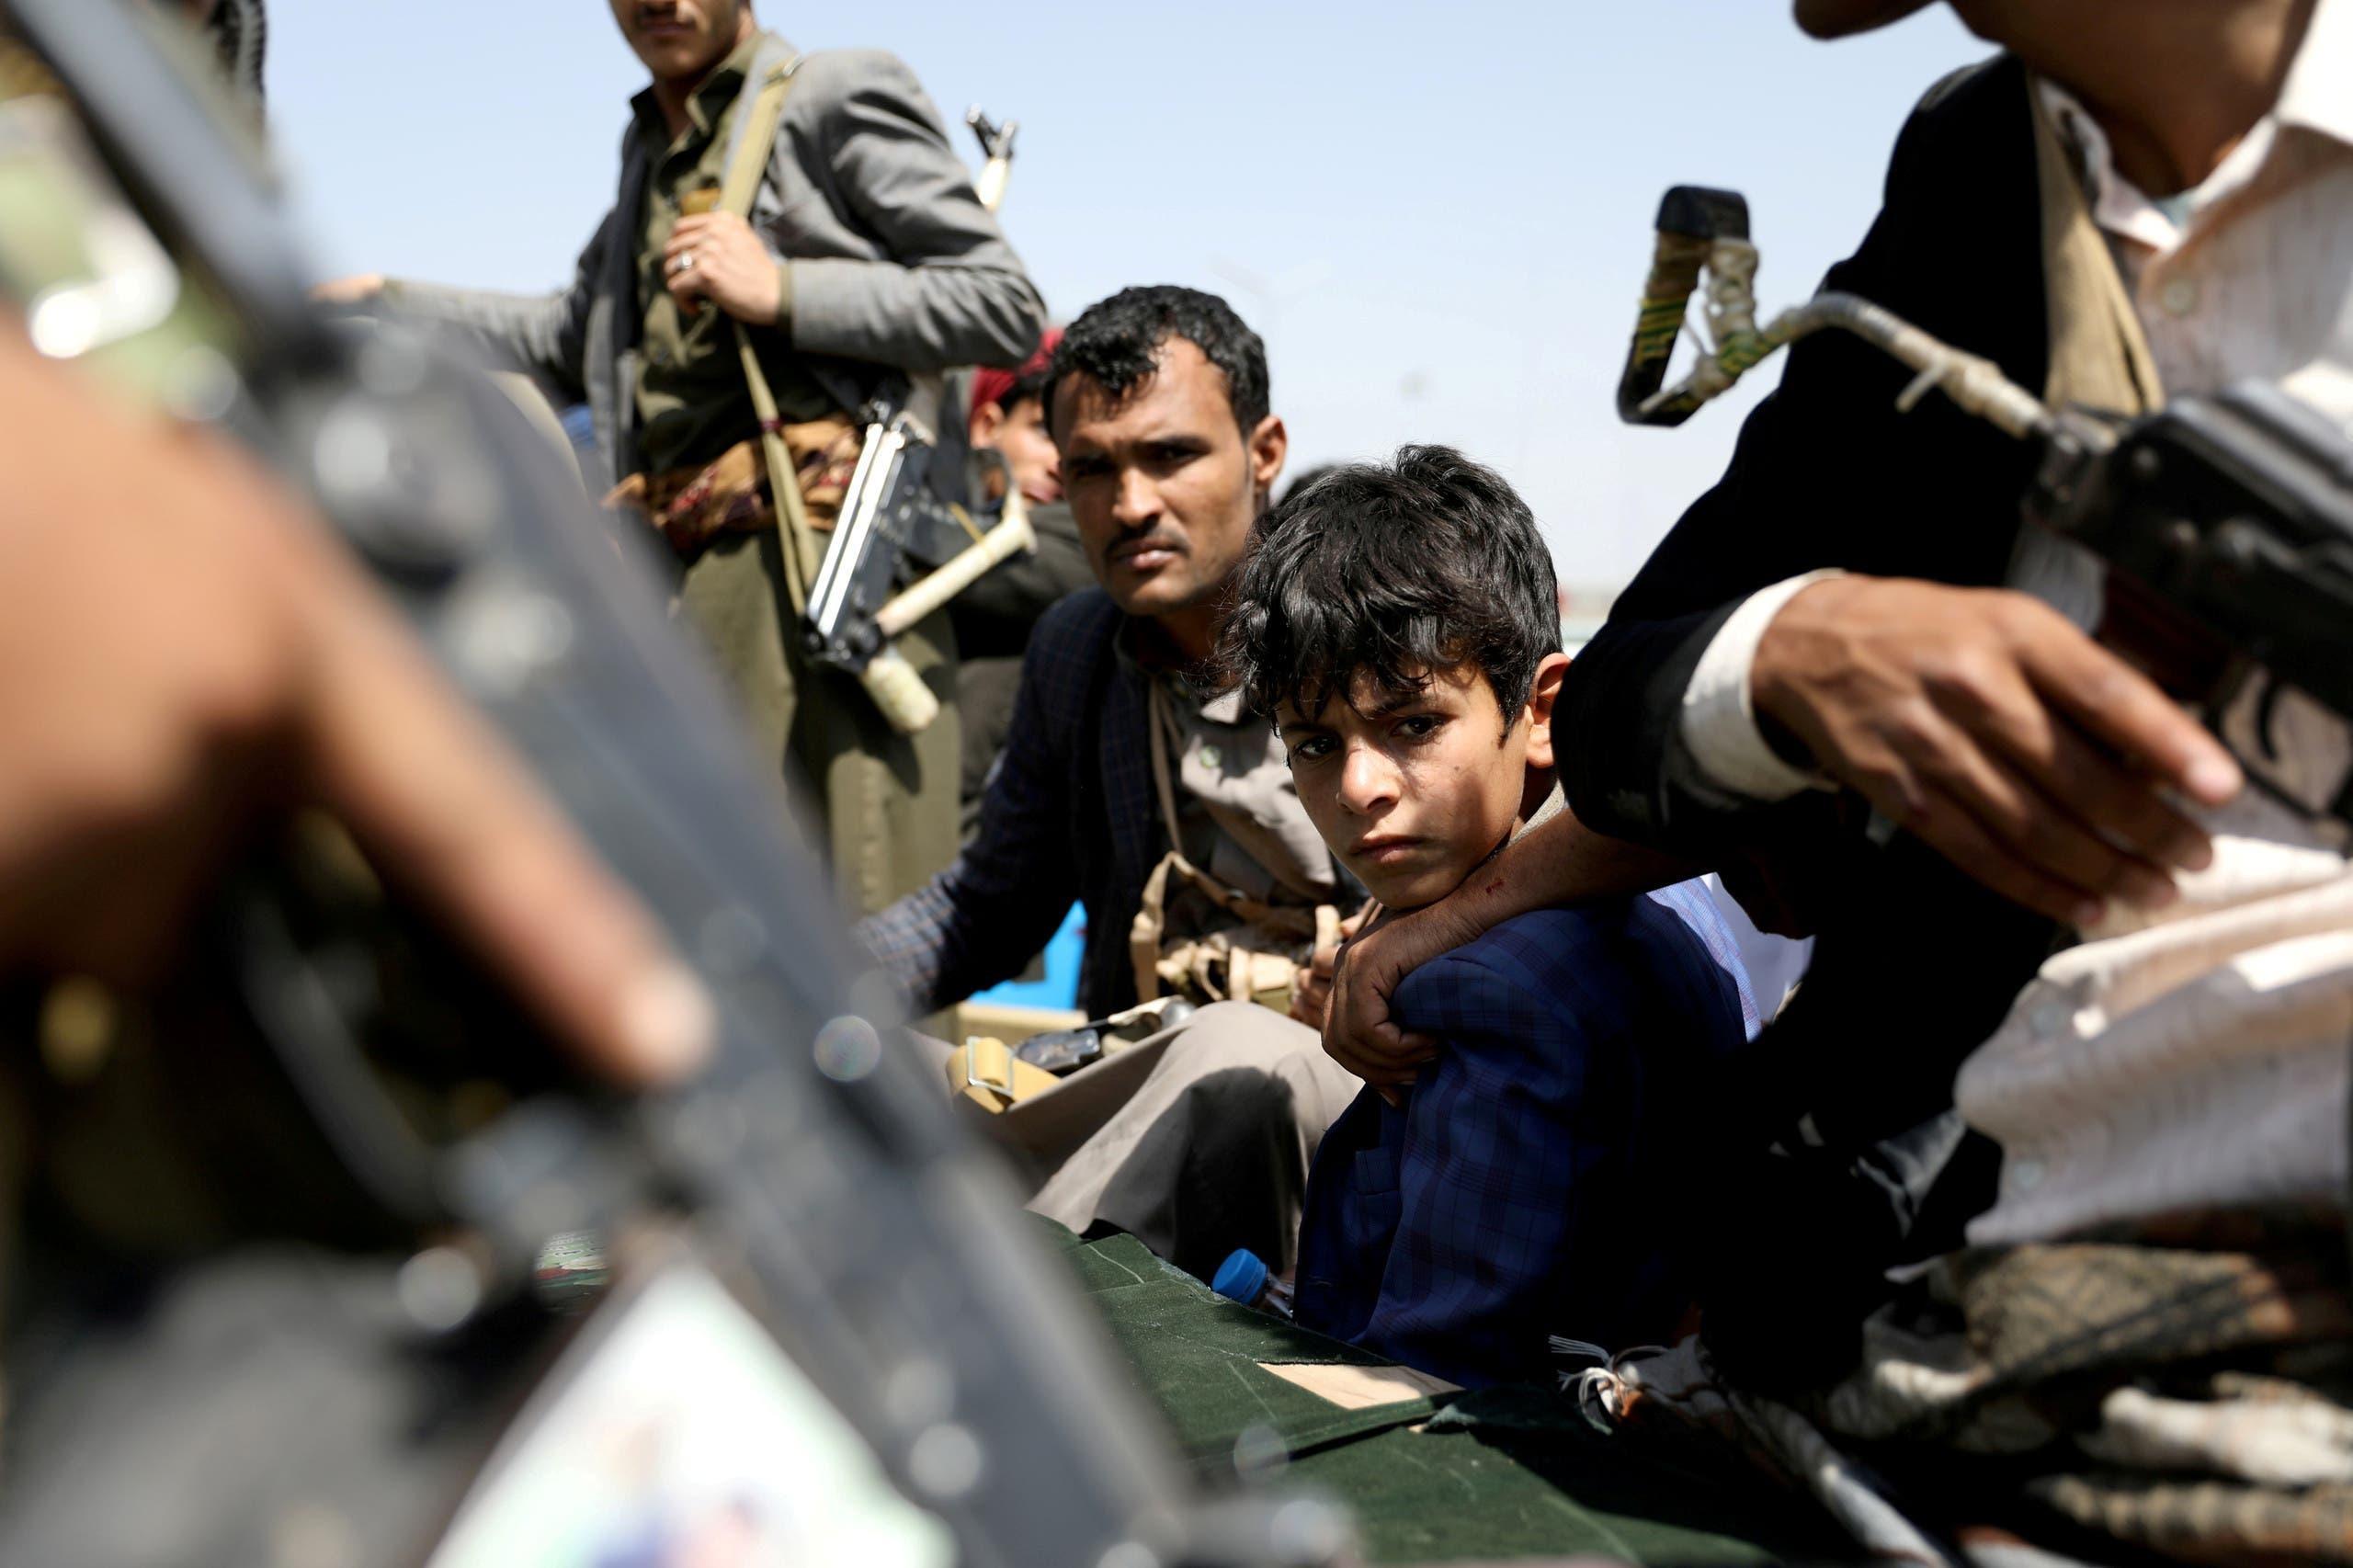 صنعا میں حوثی بندوق برداروں میں موجود ایک بچہ